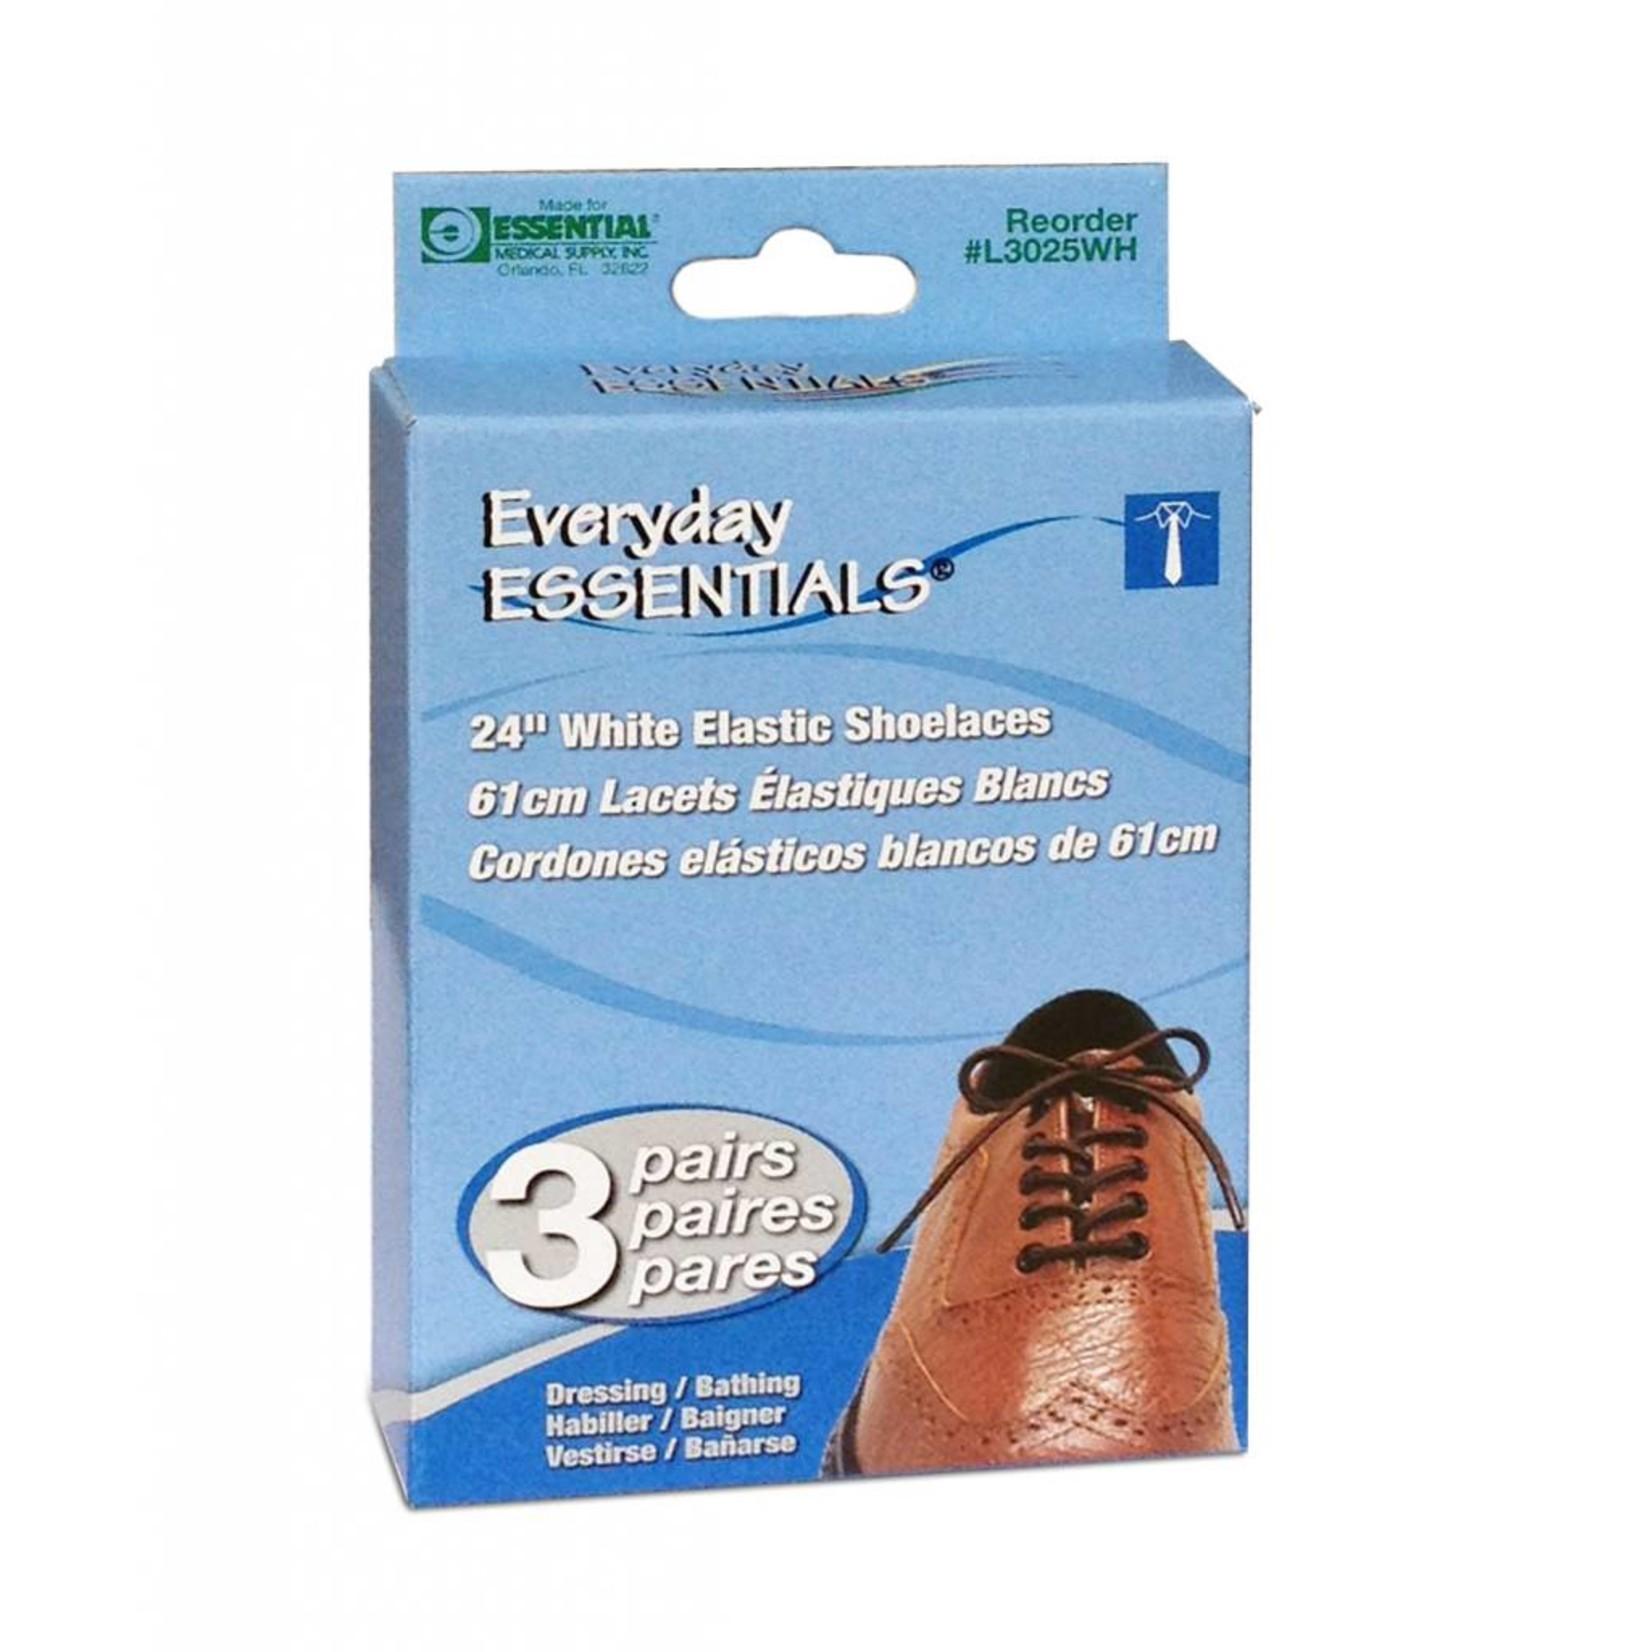 Essential Medical Elastic Shoelaces White